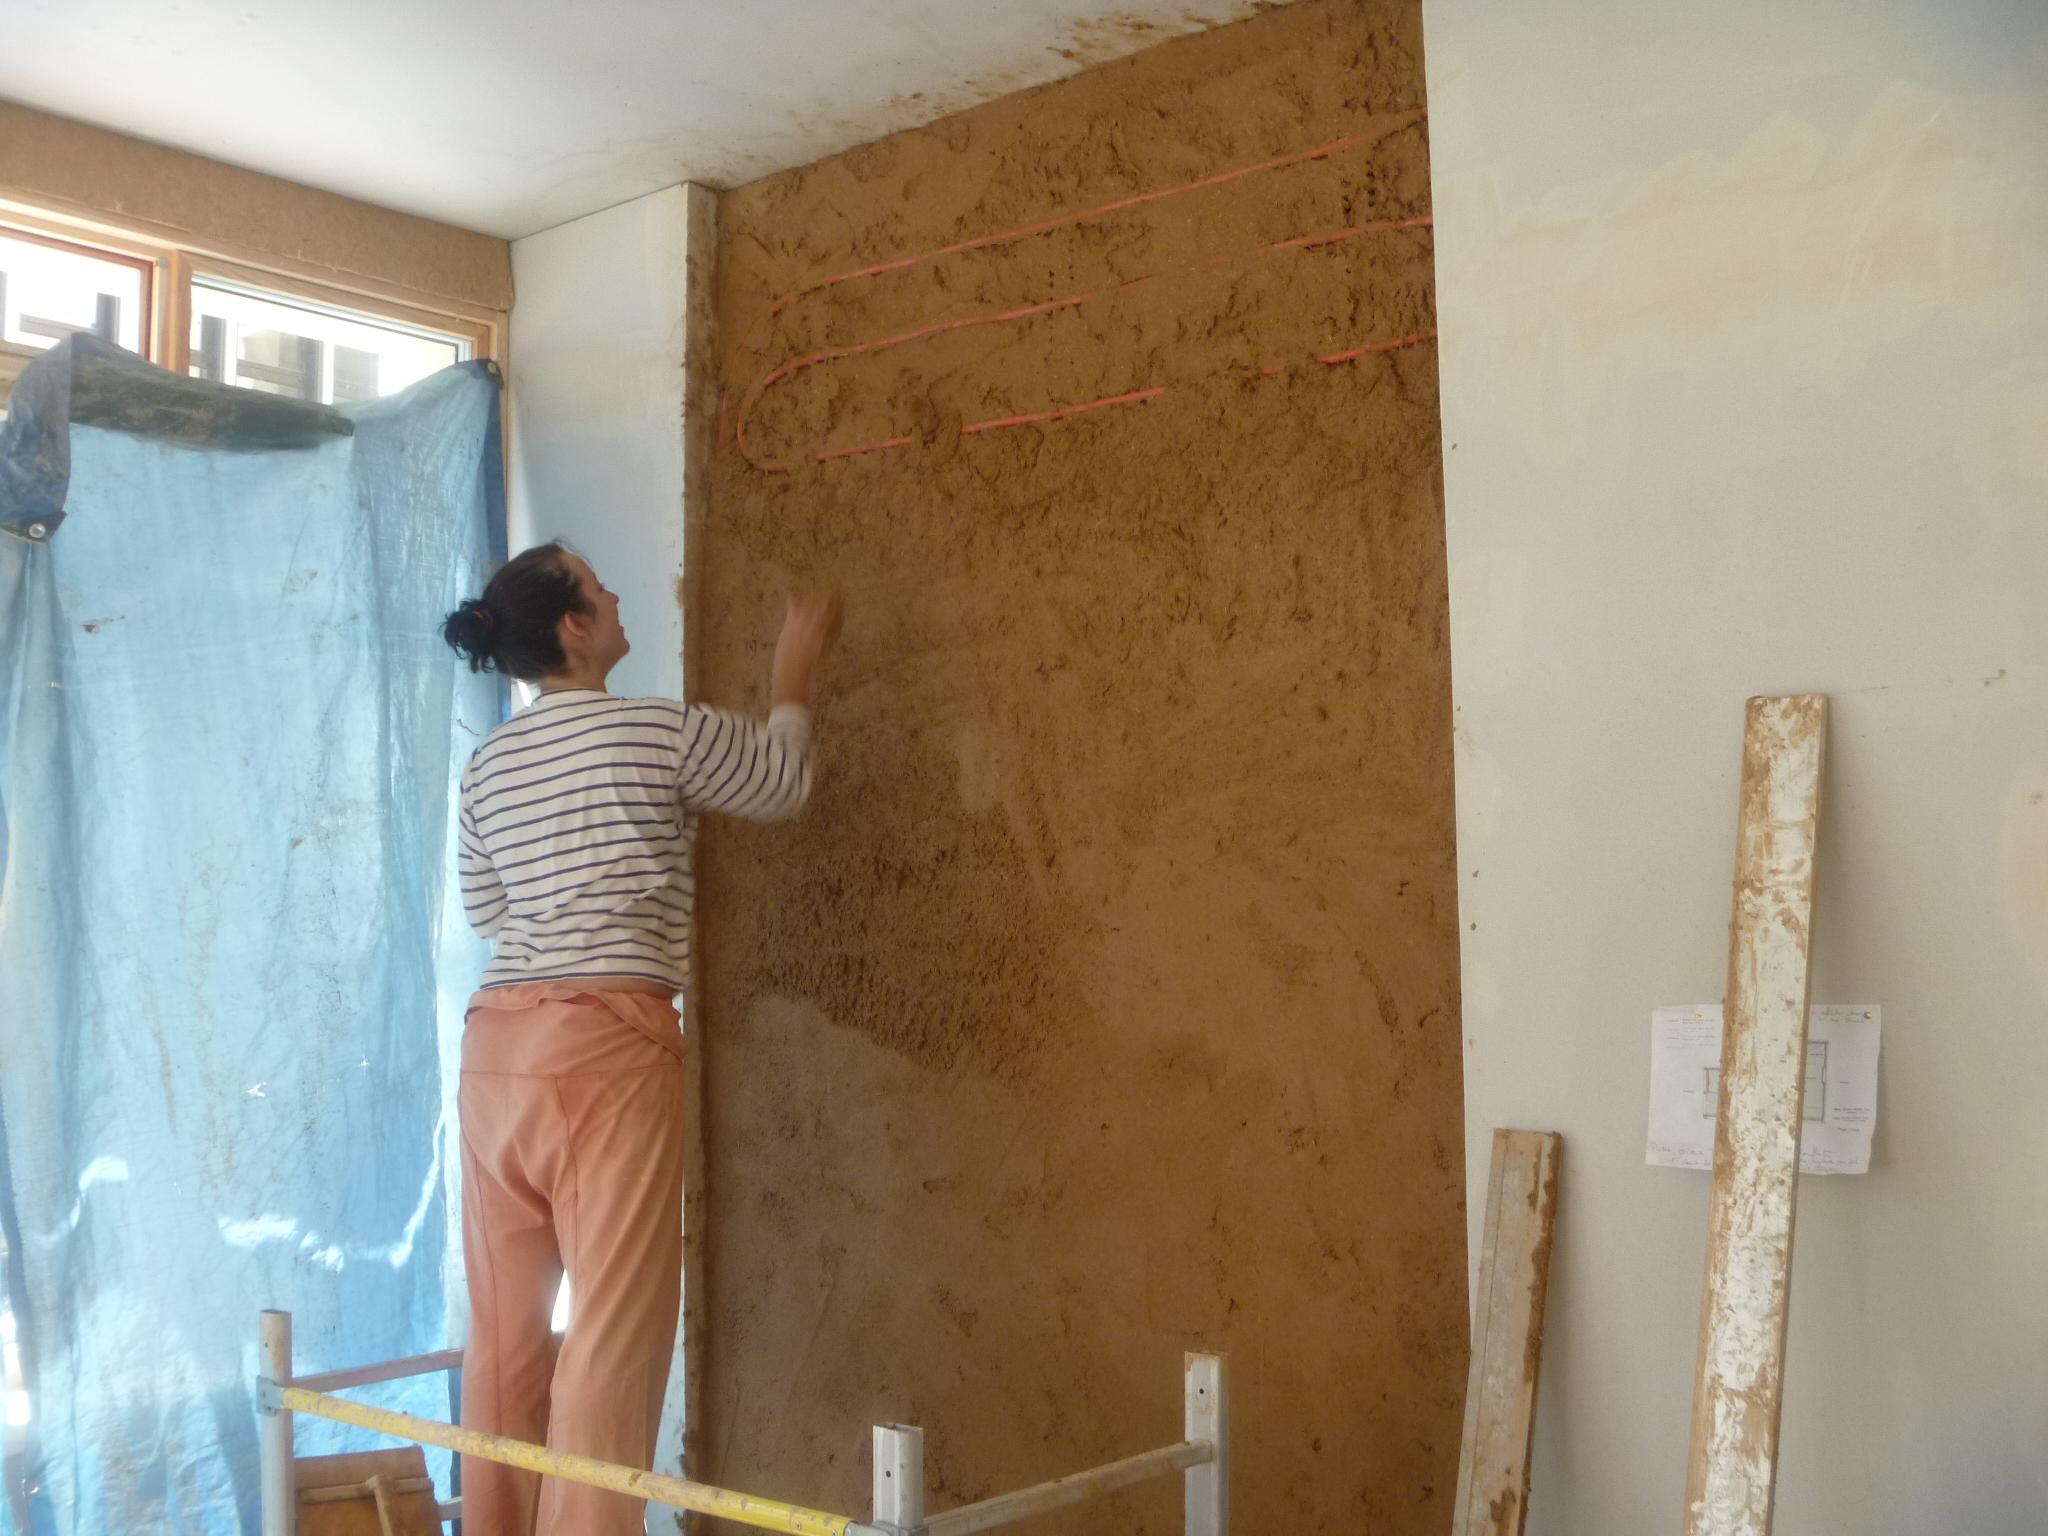 Bureaux en terre crue au Puy